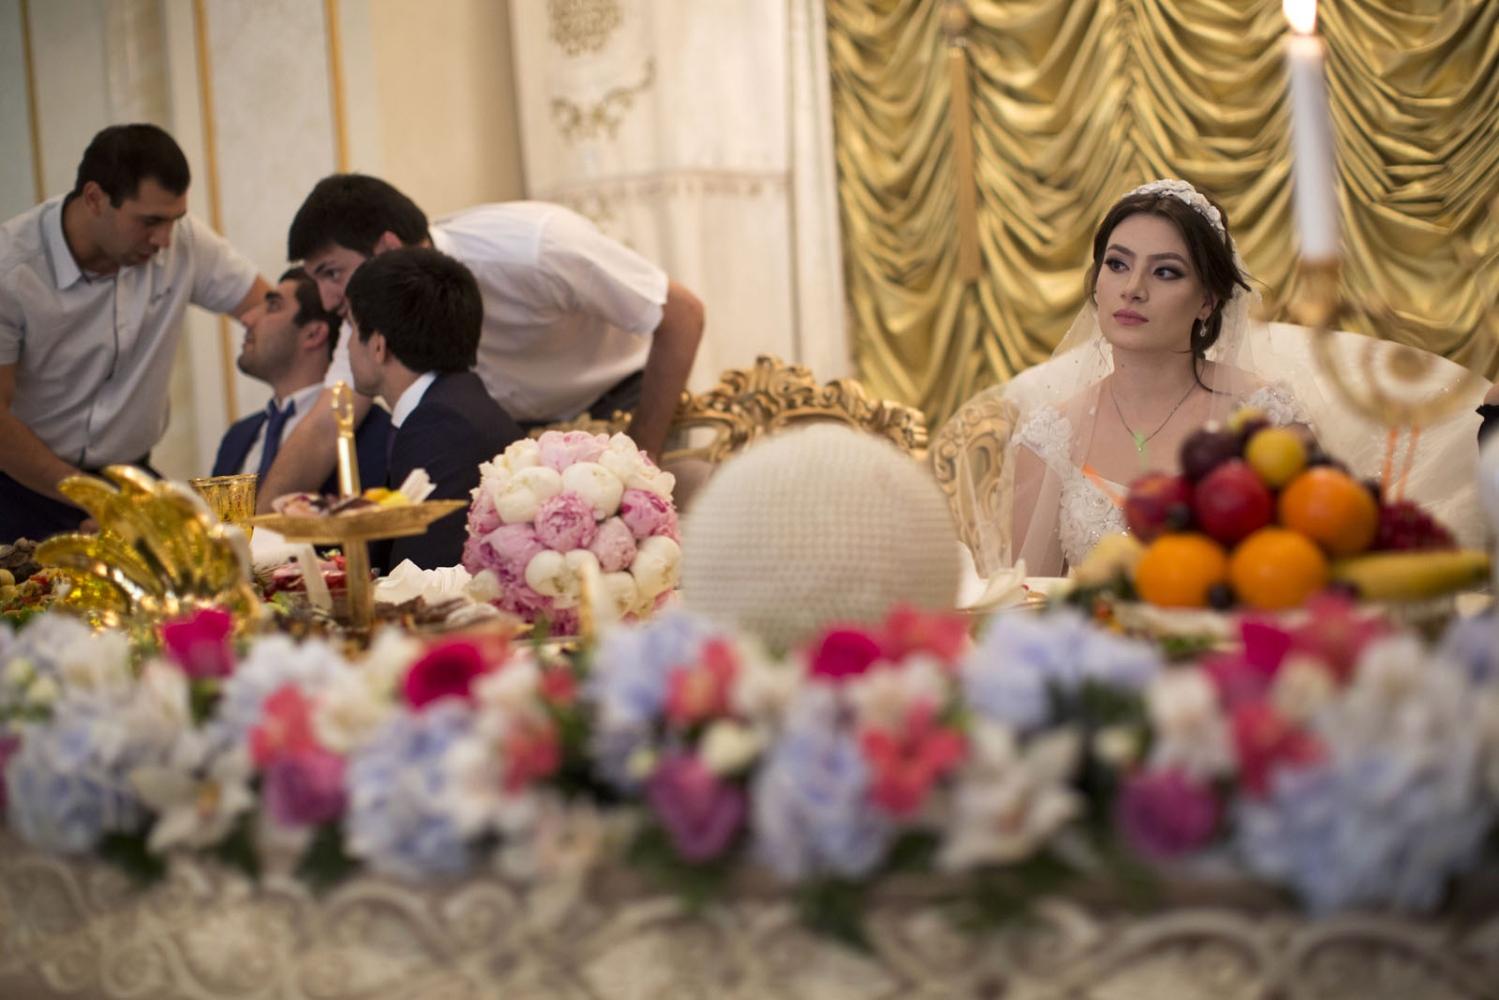 Фото кавказских девушек на свадьбе